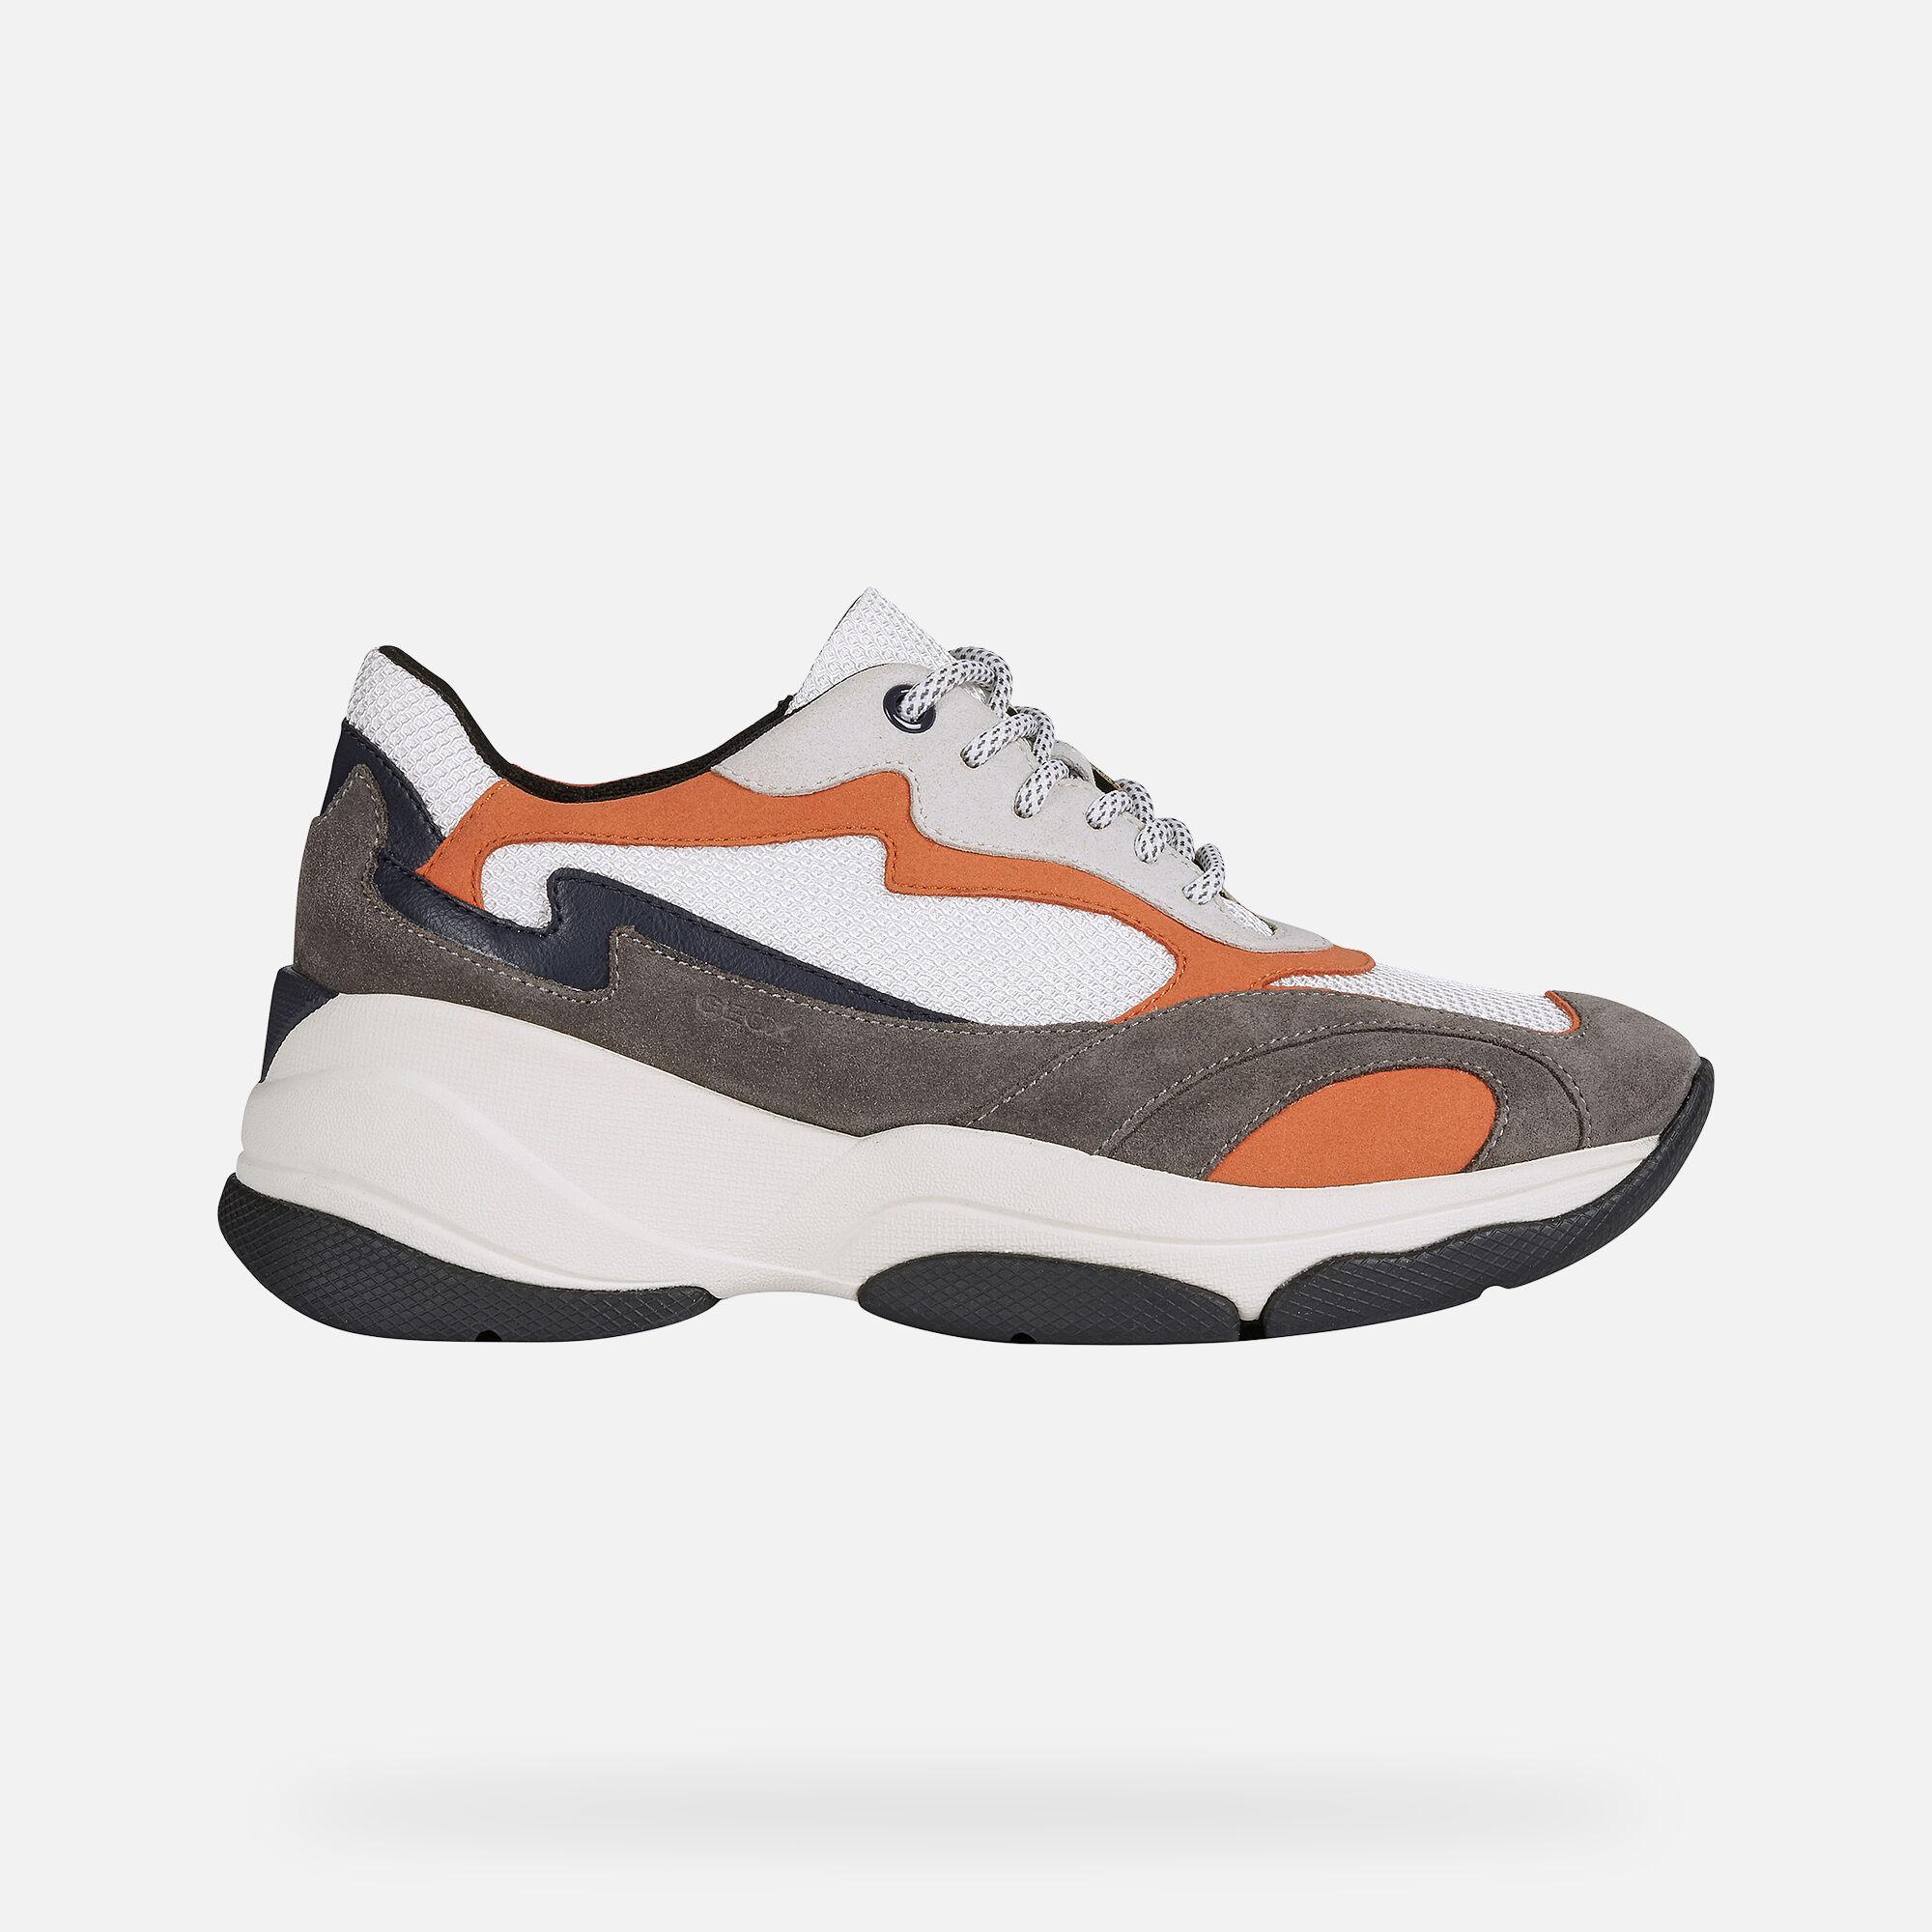 Geox KIRYA WOMAN Sneakers | Geox Spring